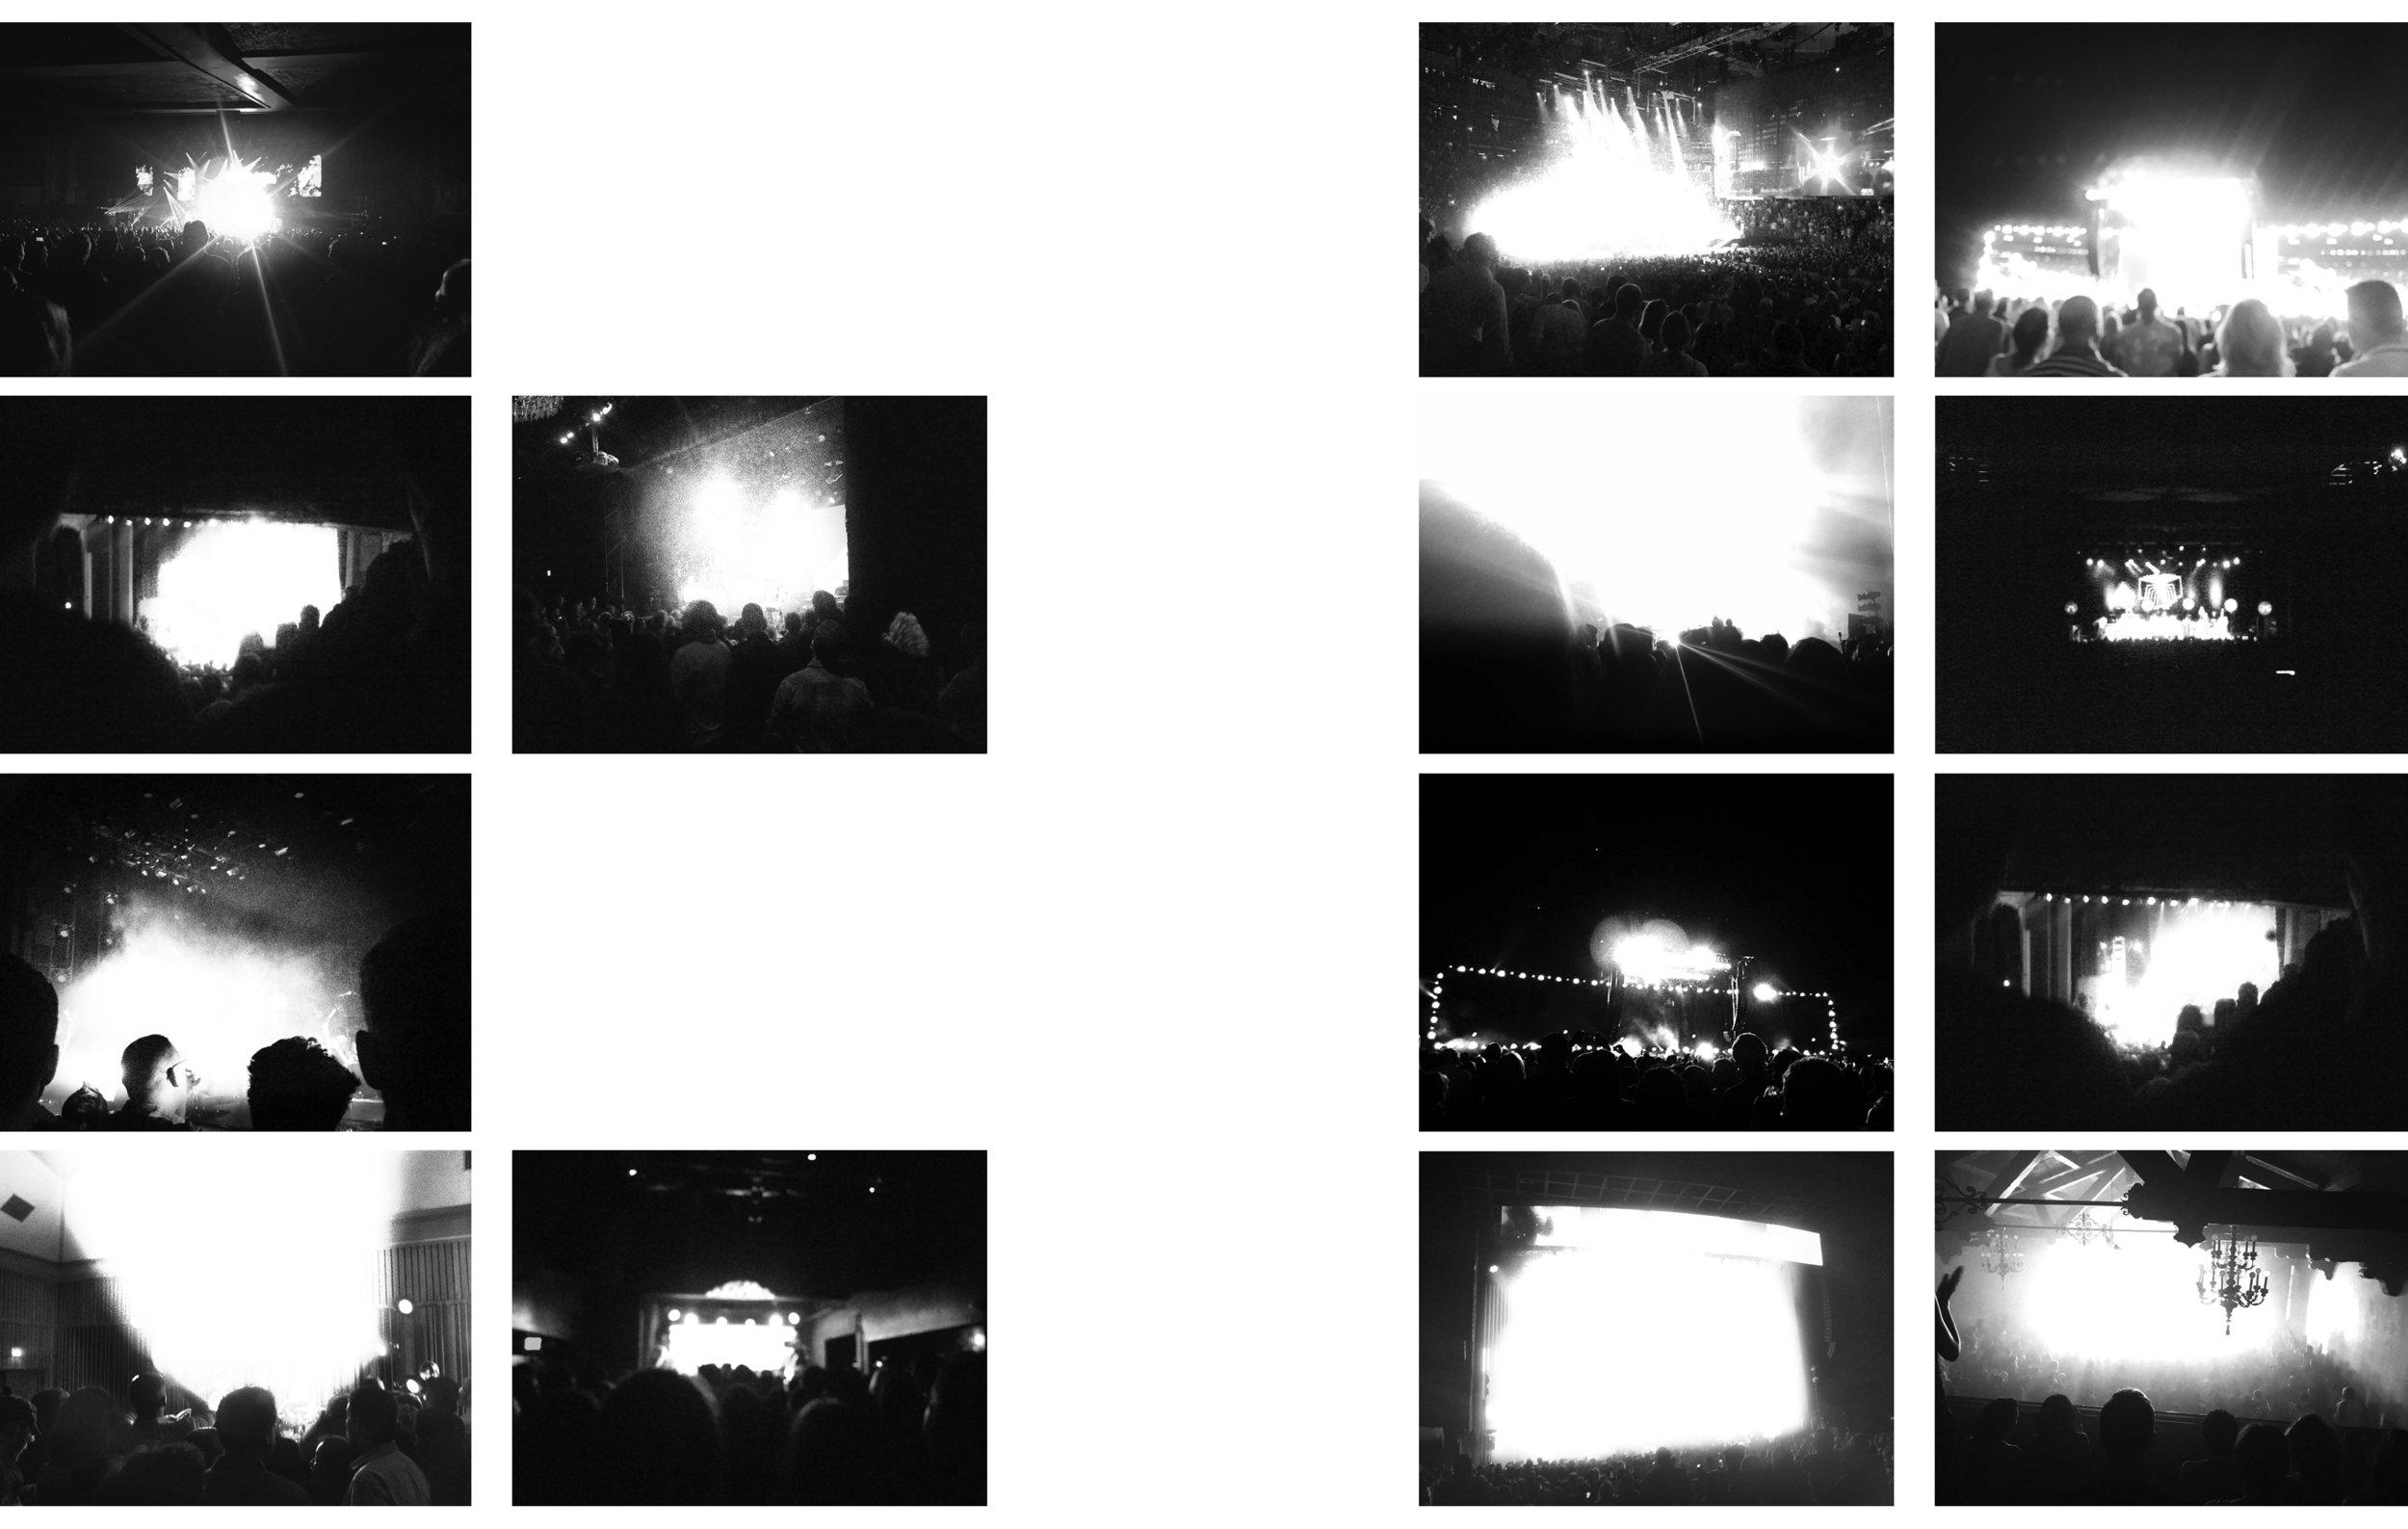 006_meteor explodes.jpg